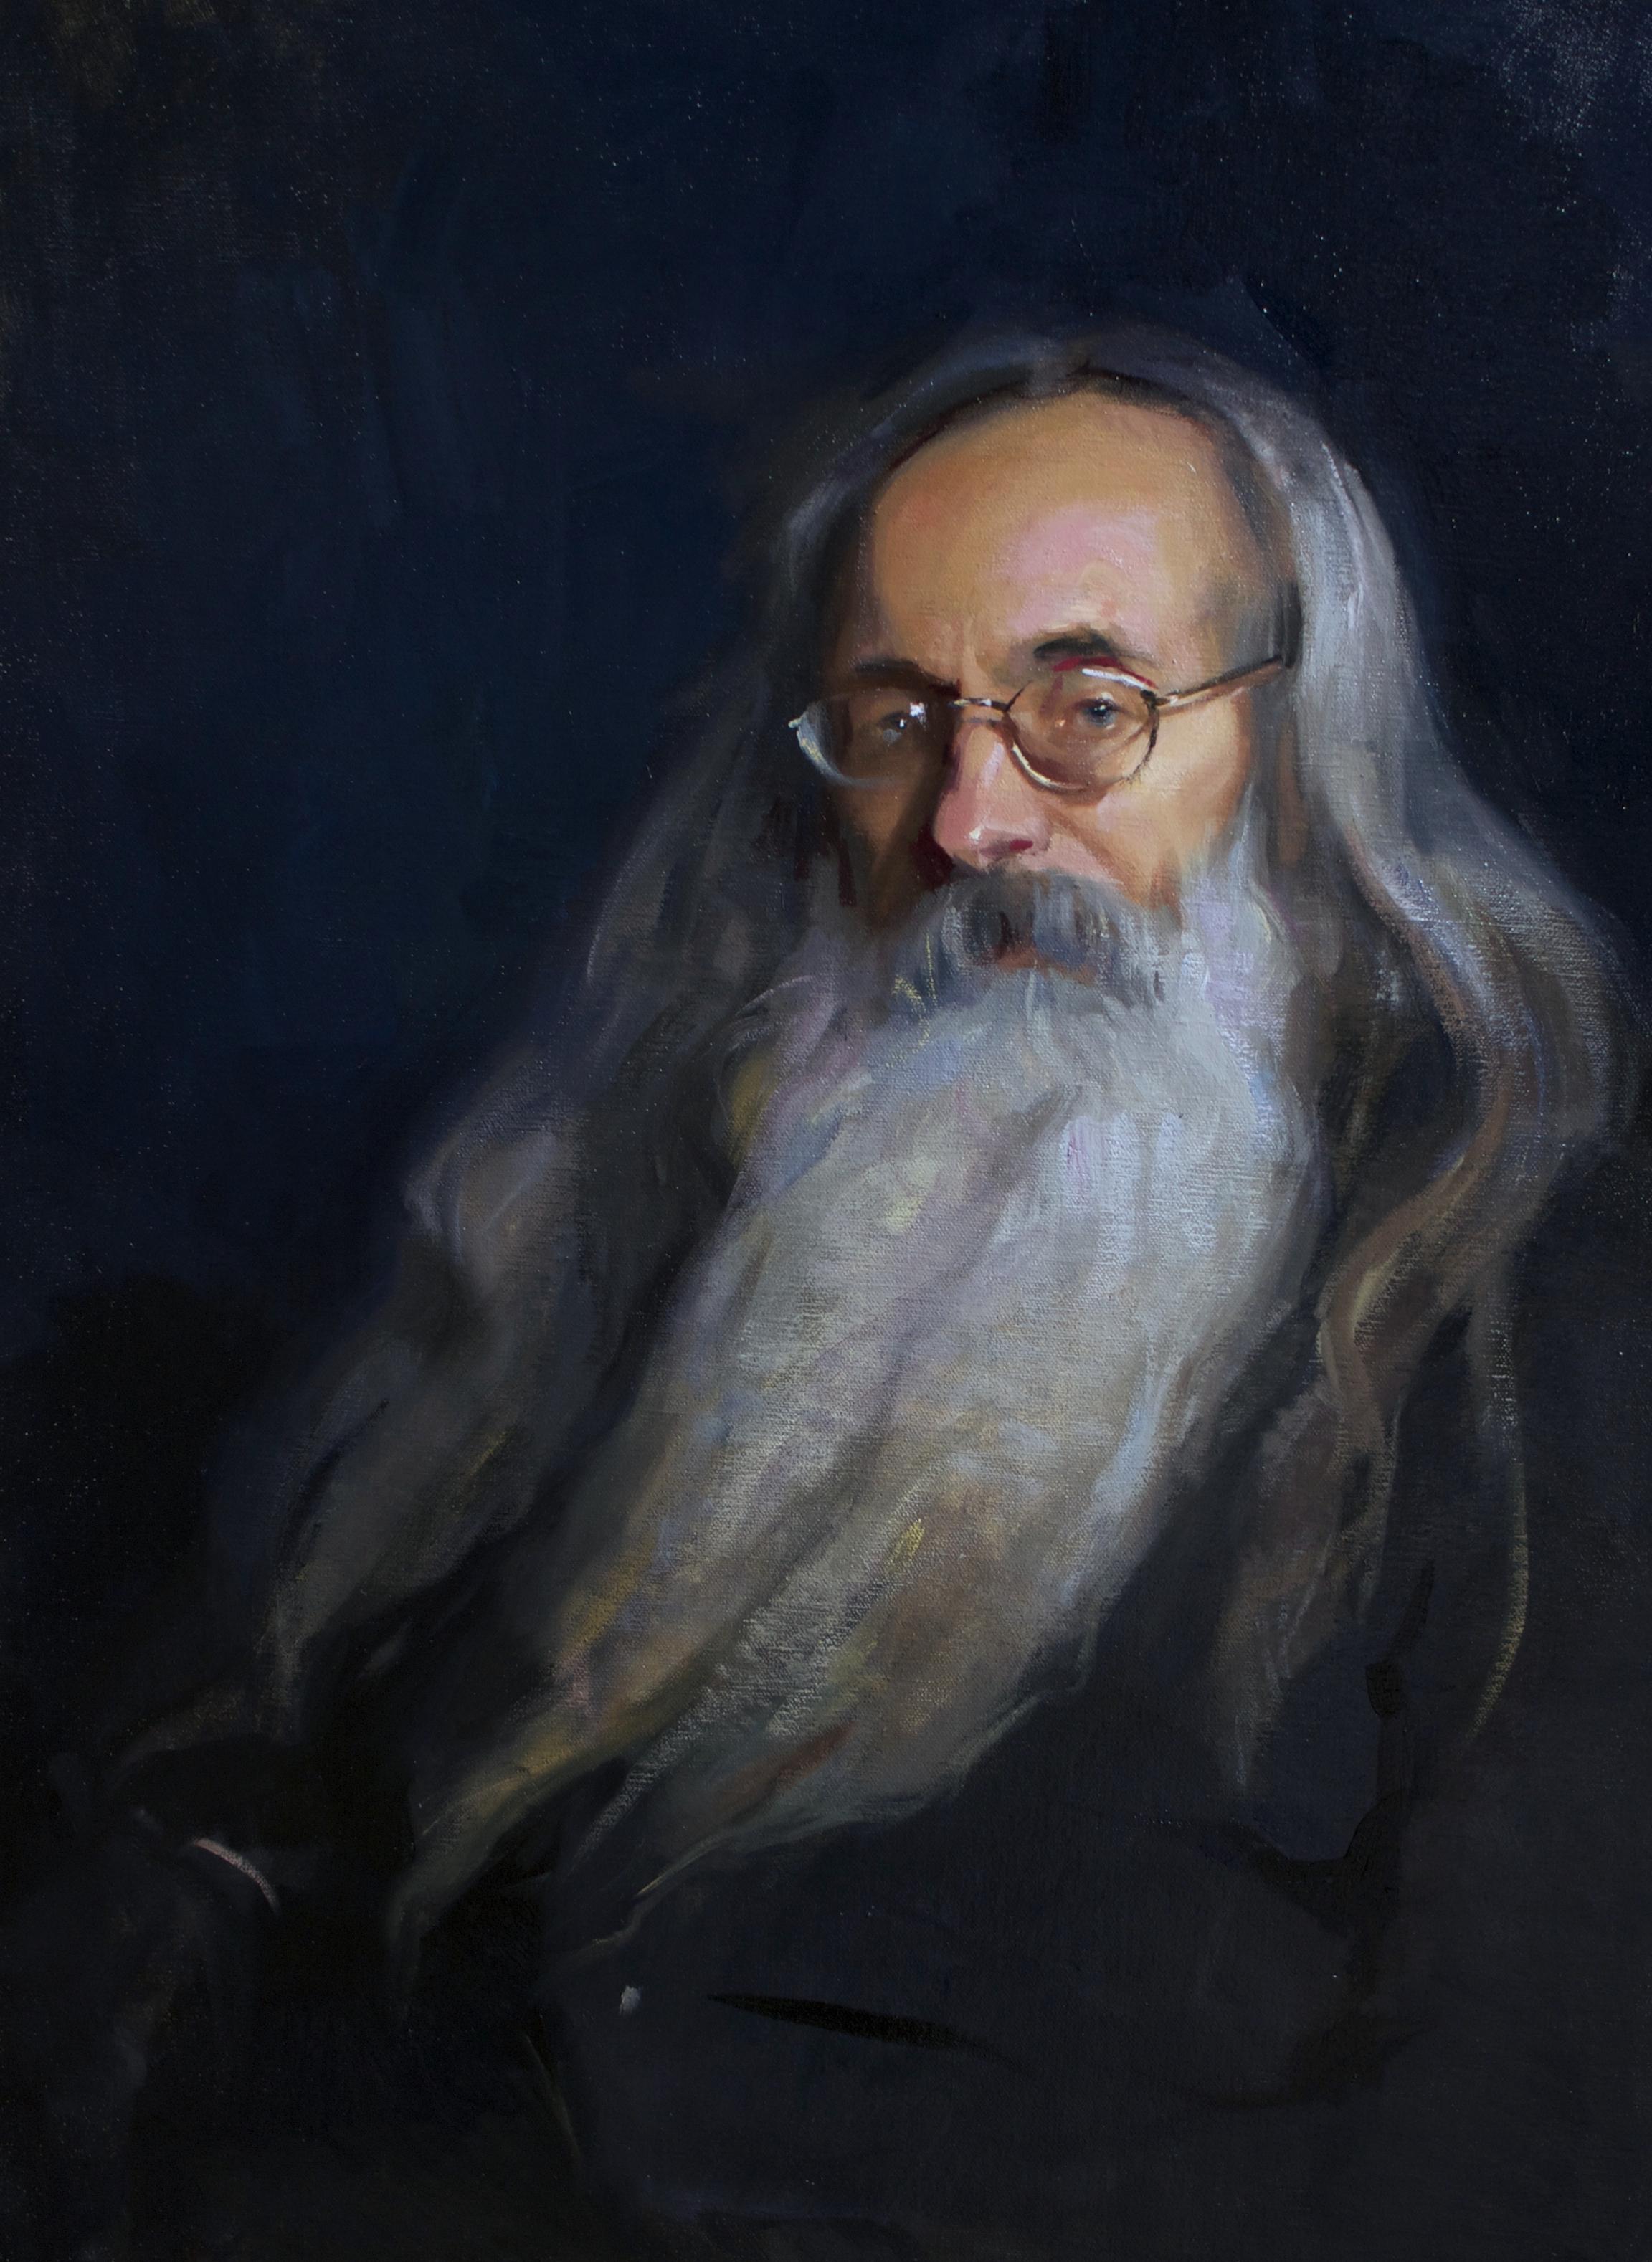 'Carlo' 80 cm by 60 cm Oil on linen